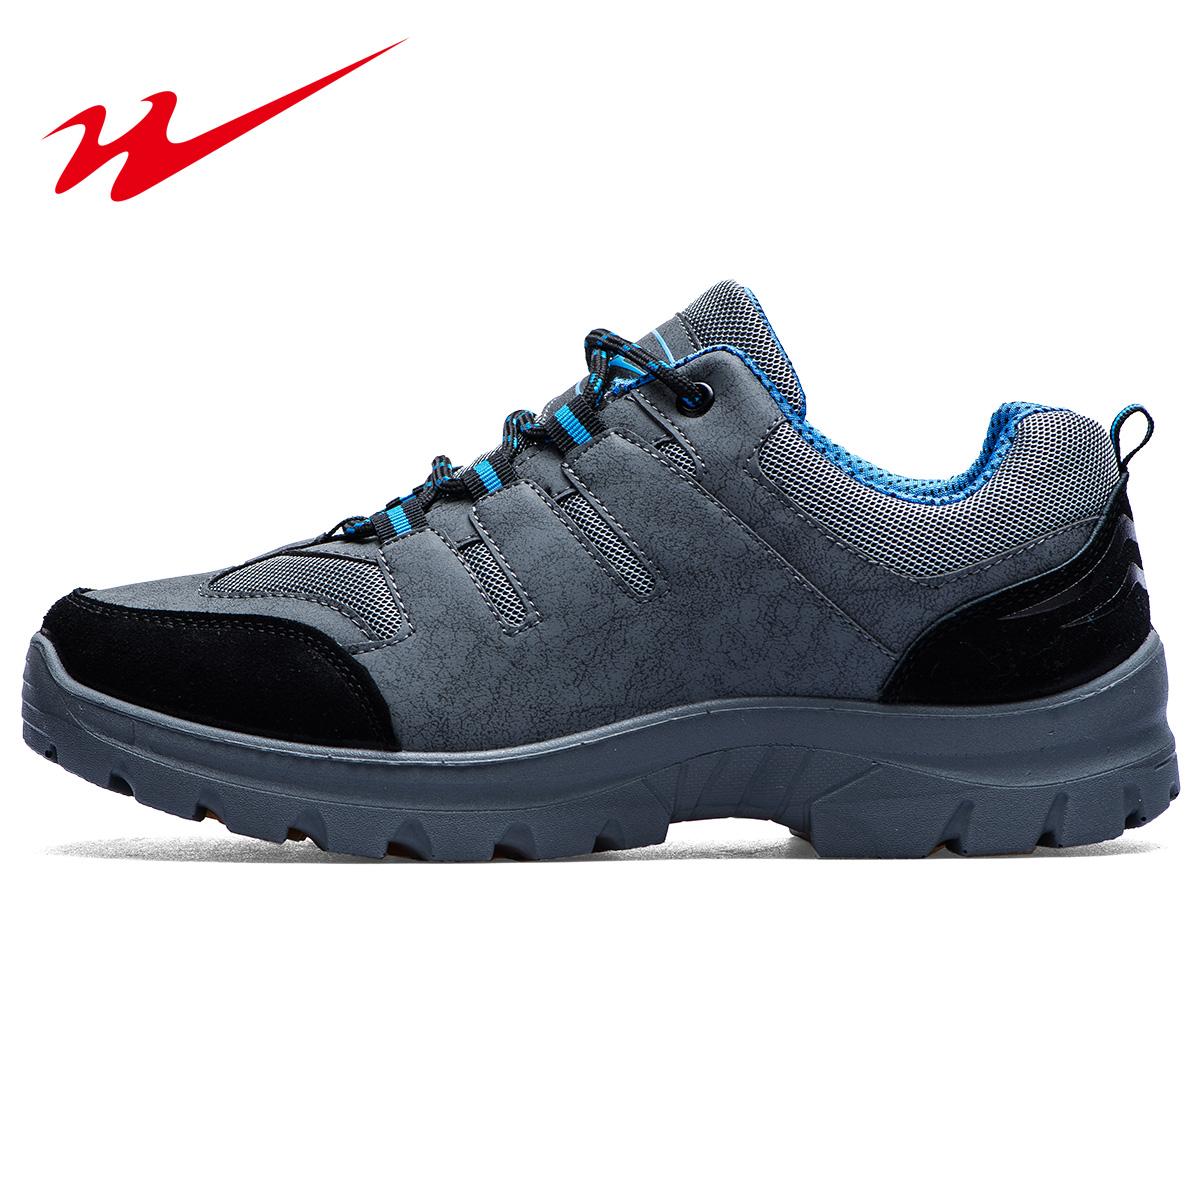 双星运动鞋男透气复古户外休闲鞋板鞋防滑耐磨轻便登山鞋健步鞋女